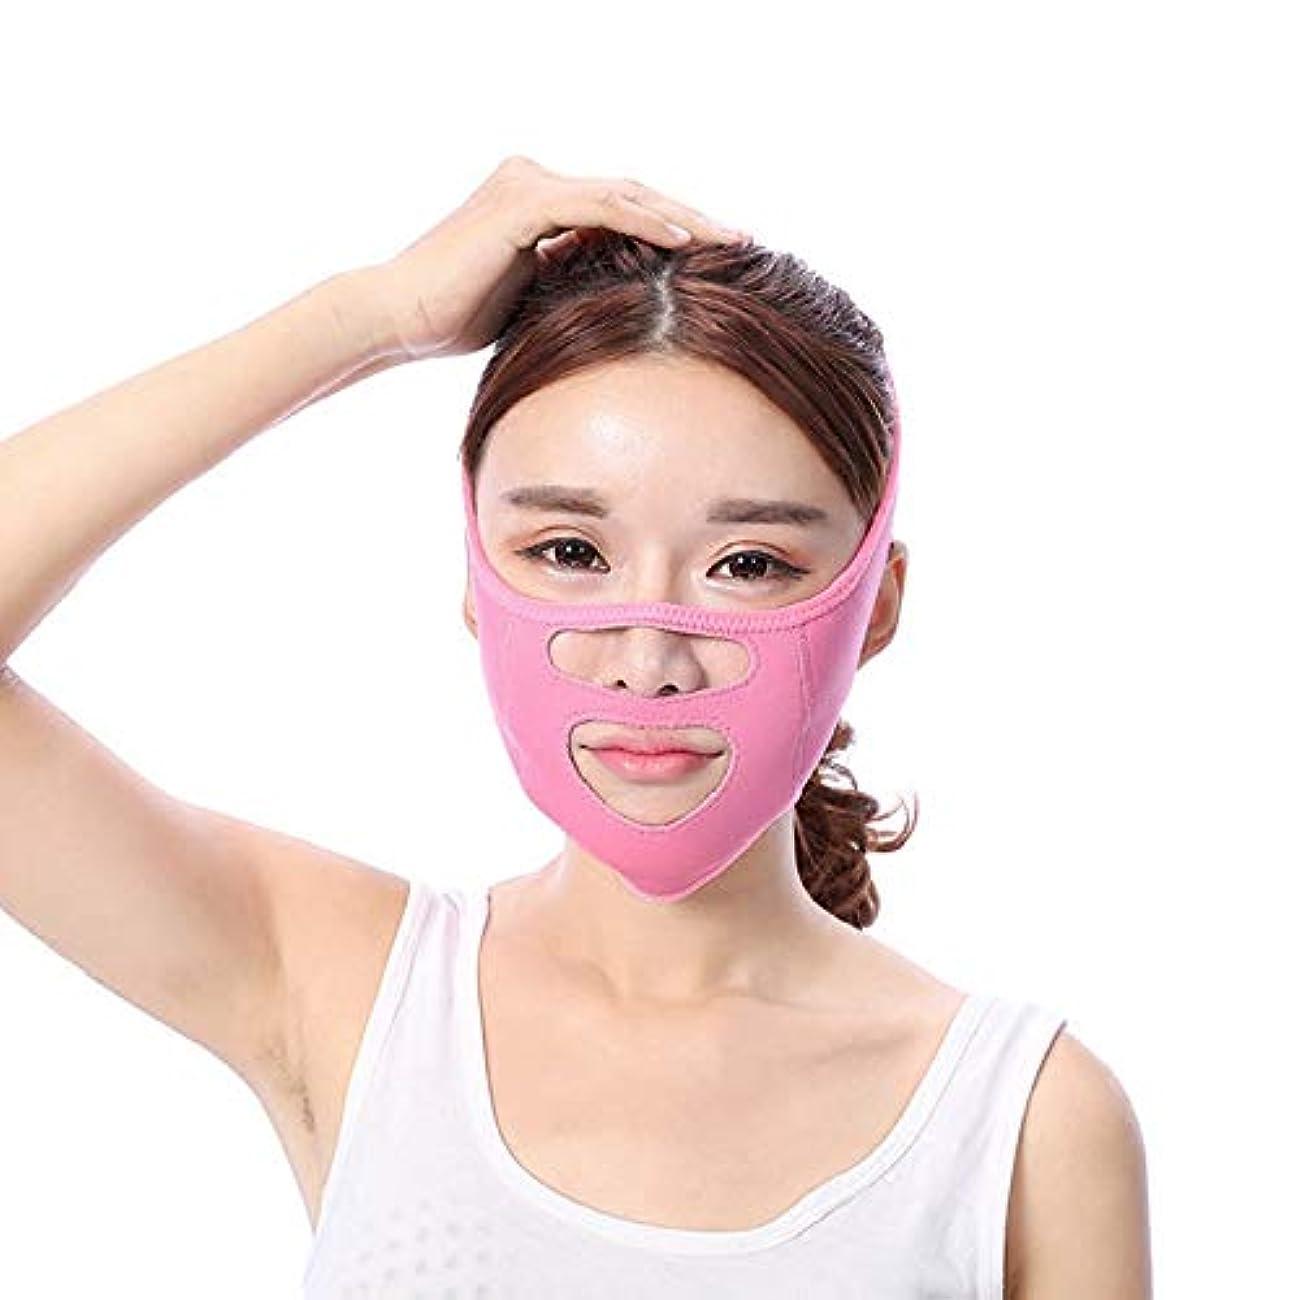 うがいレーザ慎重にフェイスリフトベルトフェイスバンデージ美容機器リフティングファインディングダブルチン法令Vマスク睡眠マスク通気性 美しさ